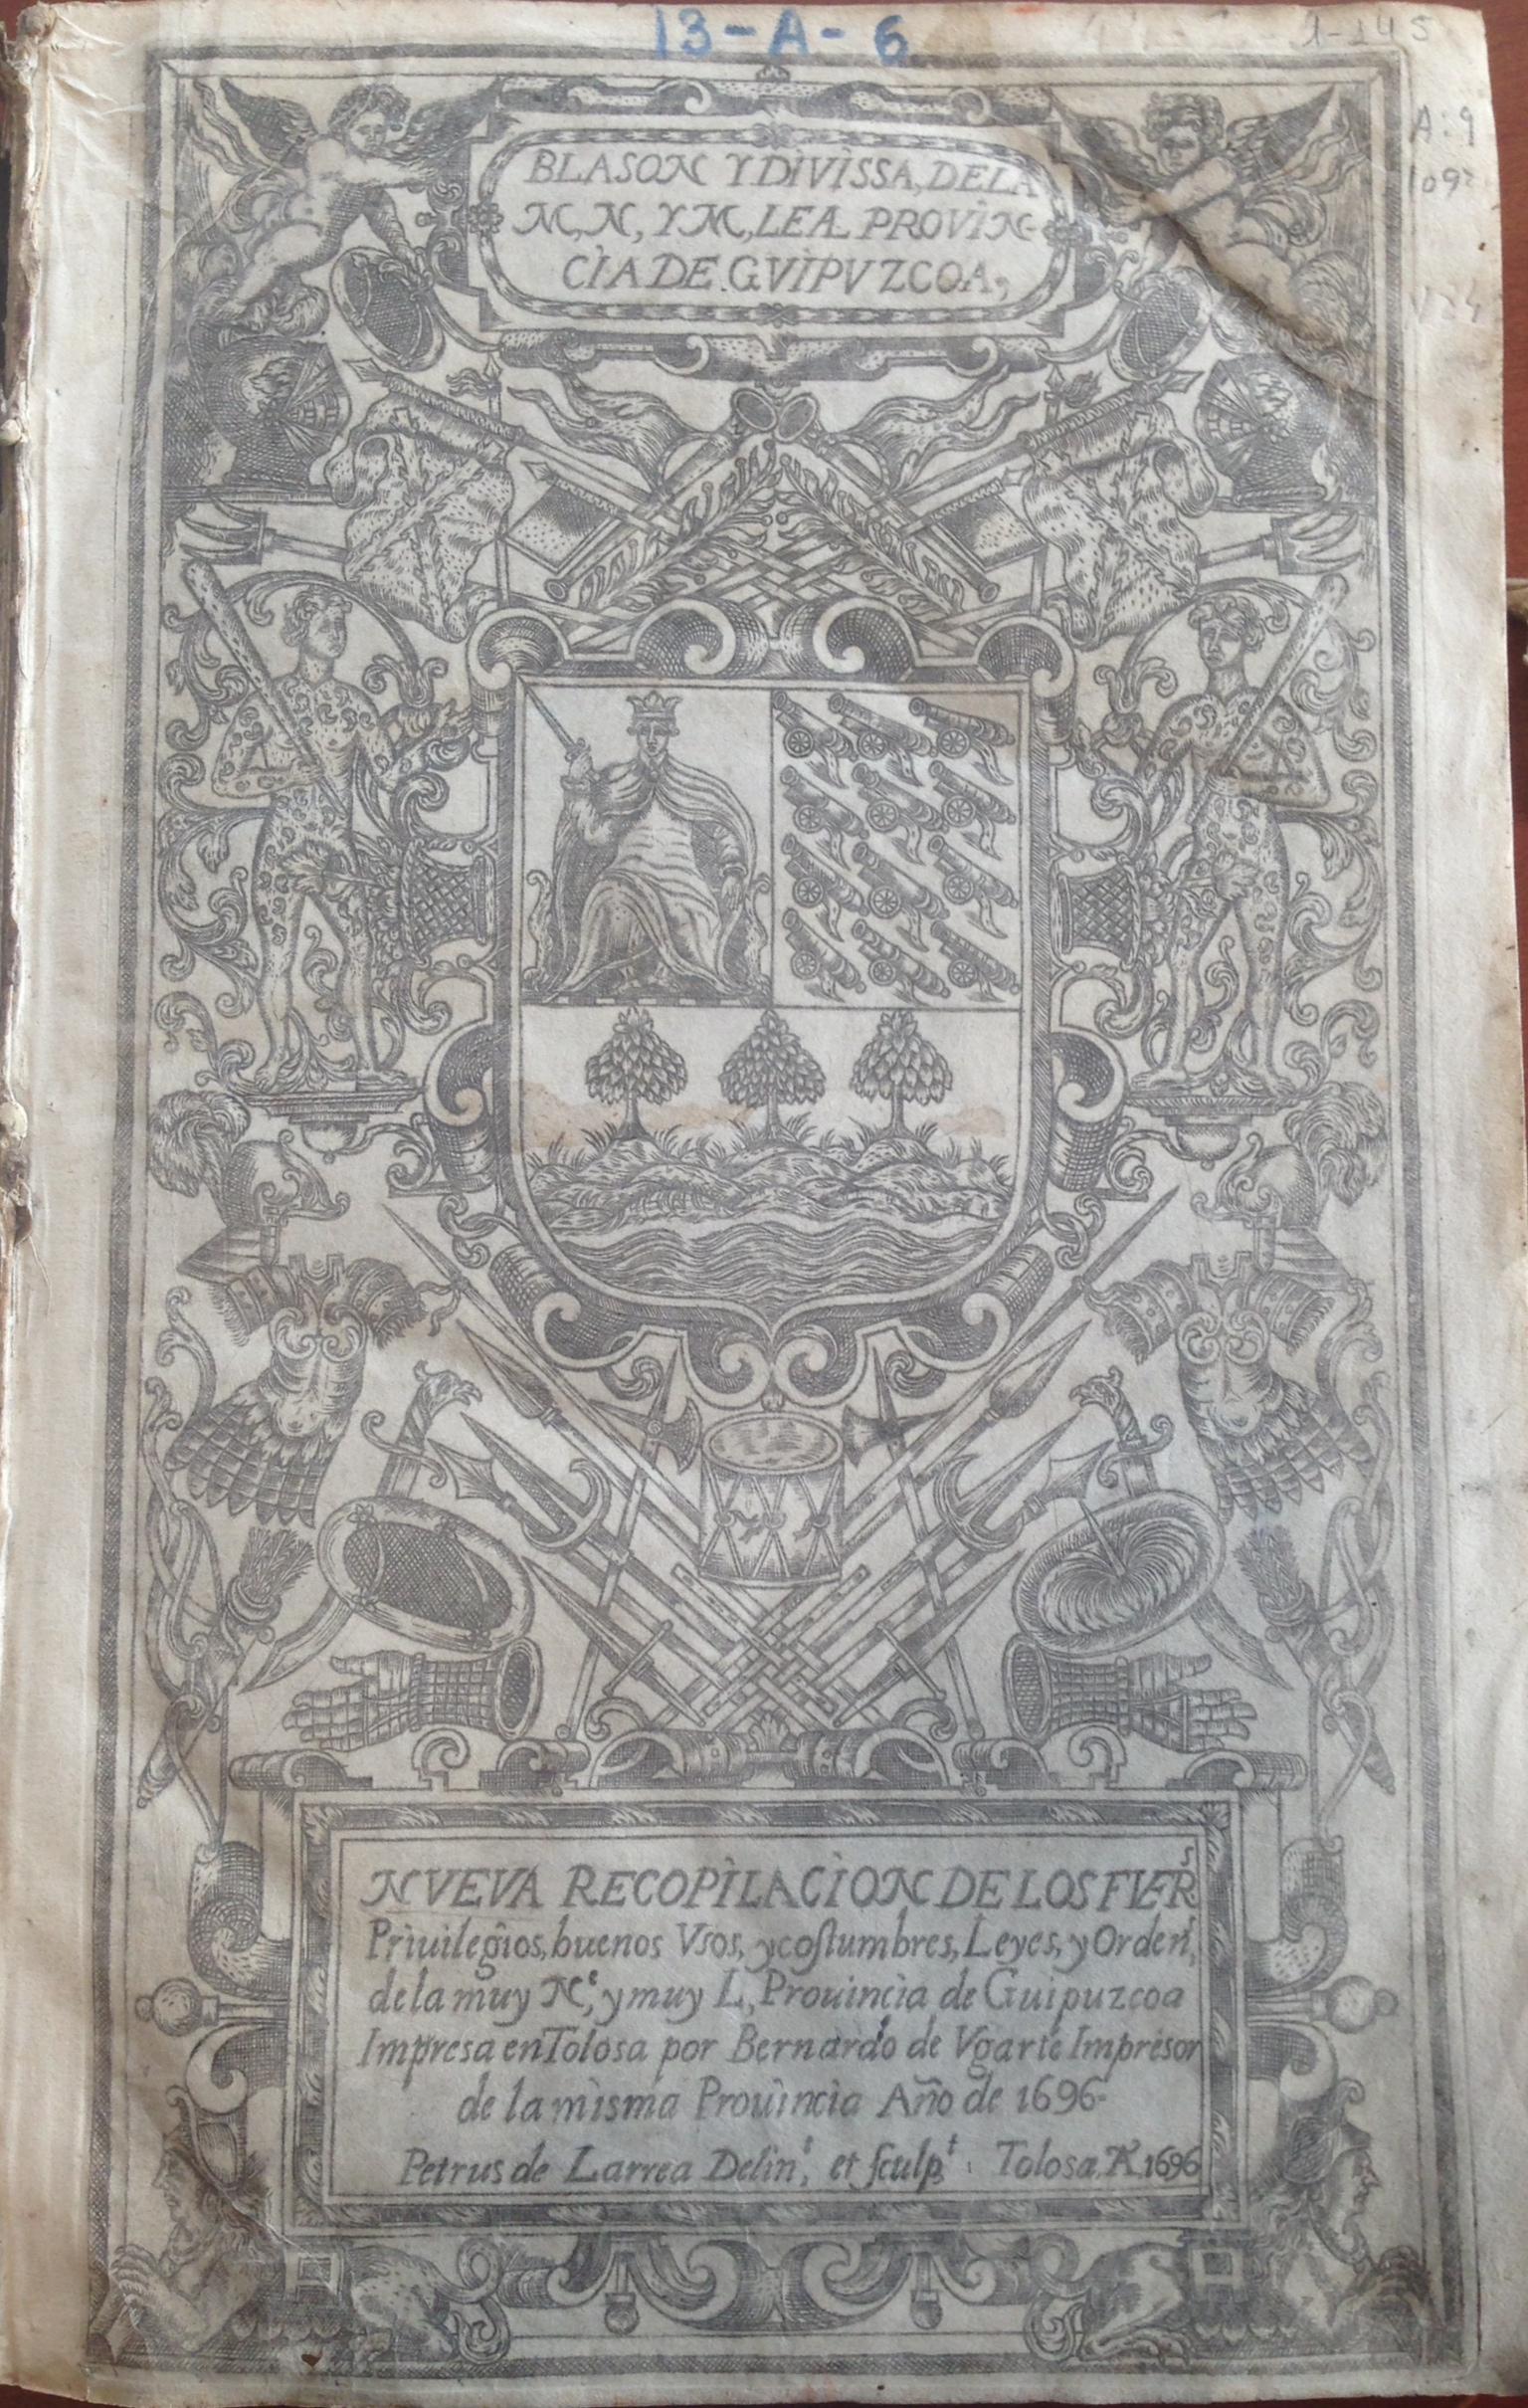 Nueva recopilación de los fue[ros]… de la provincia de Guipúzcoa, 1696